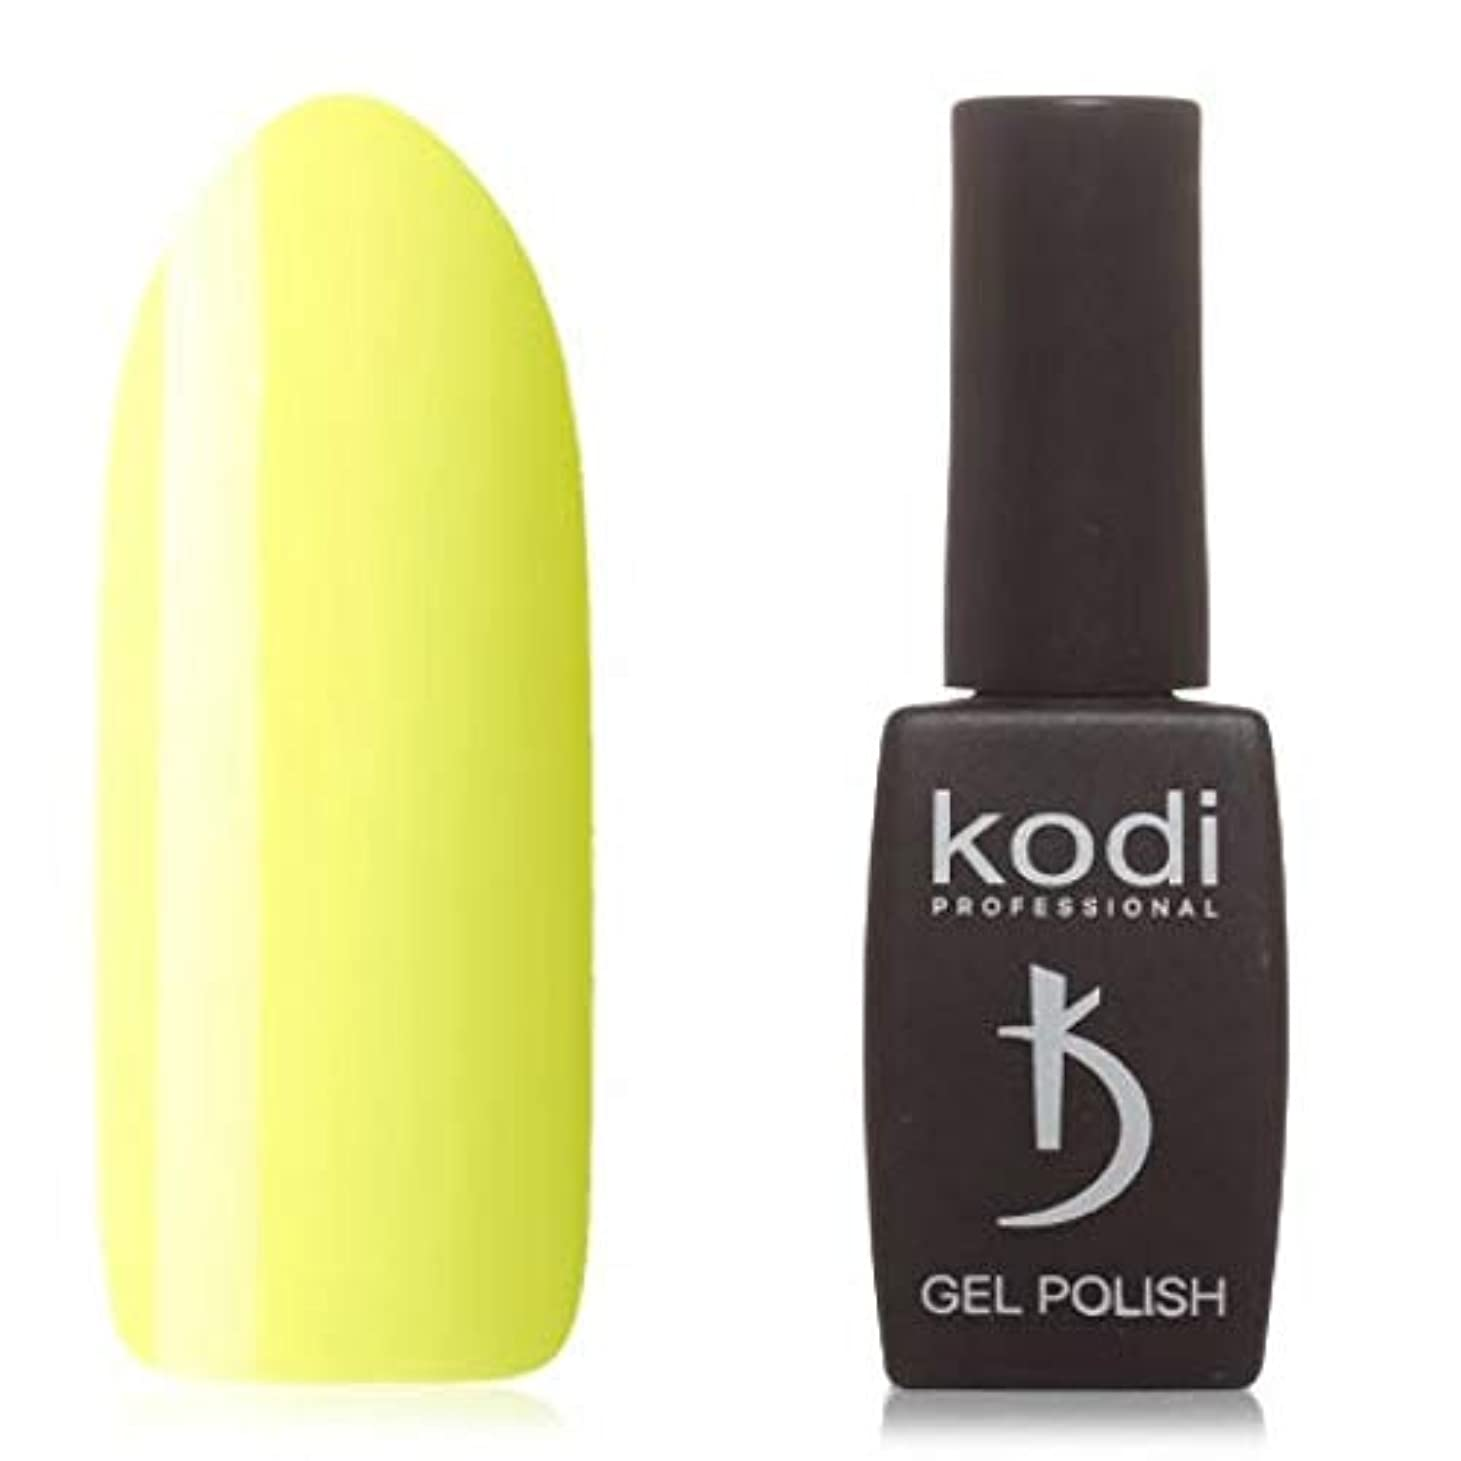 ホラーヒロイン単調なKodi Professional New Collection BR BRIGHT #110 Color Gel Nail Polish 12ml 0.42 Fl Oz LED UV Genuine Soak Off